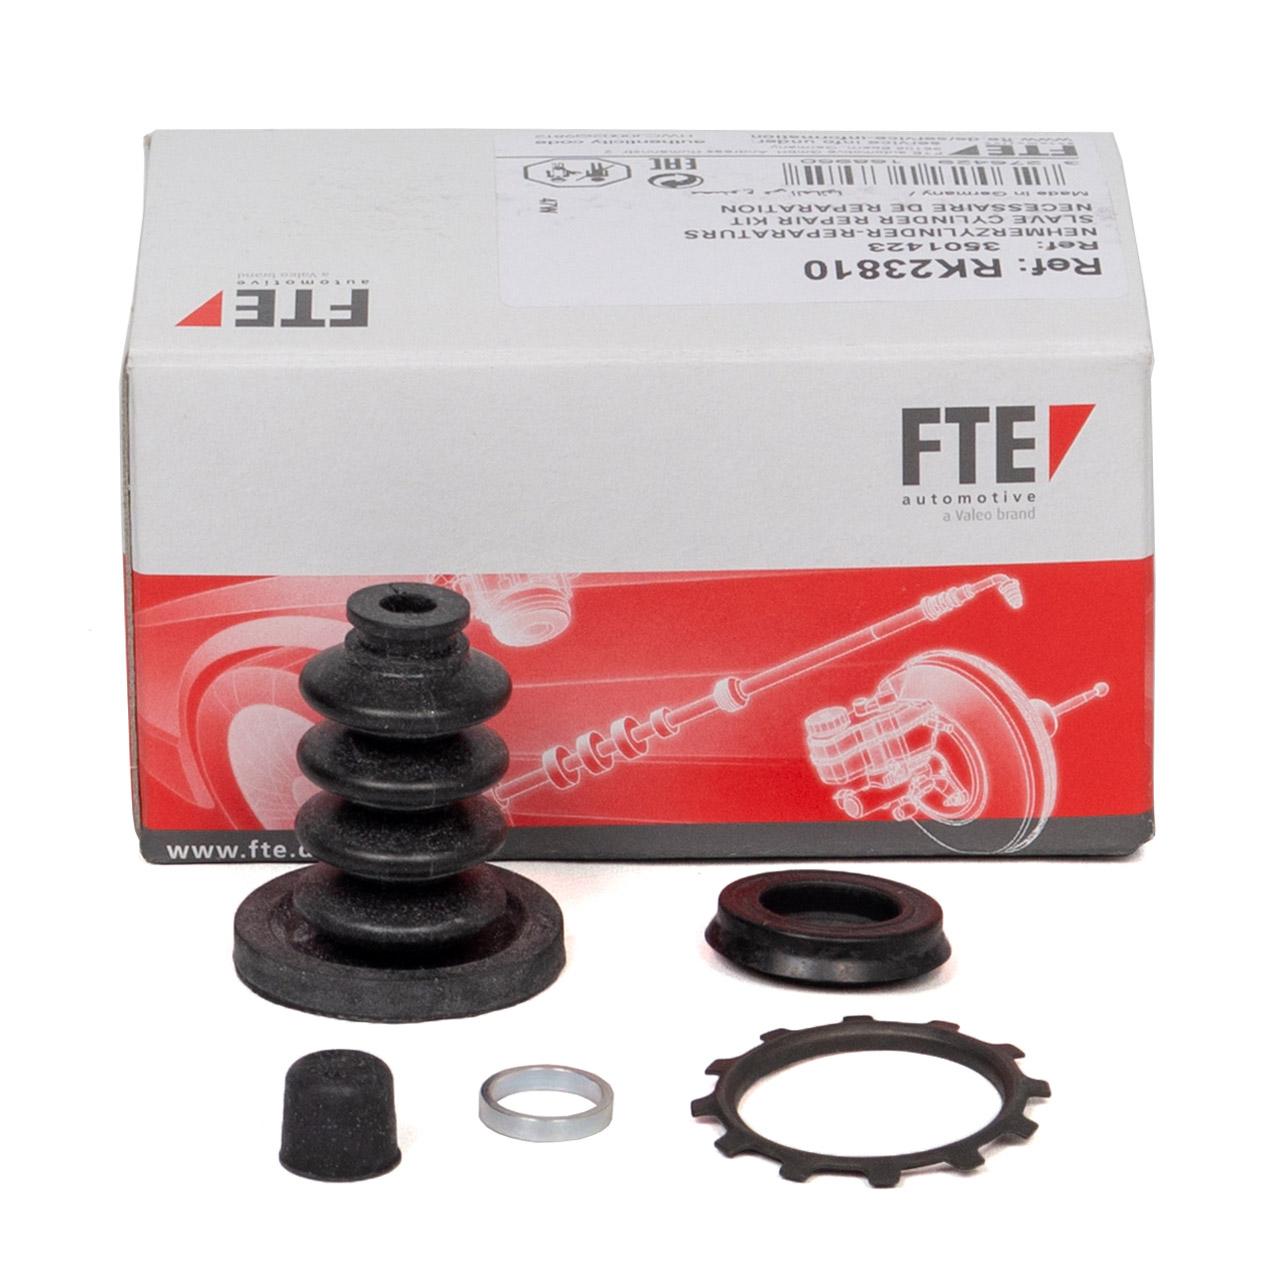 FTE 3501423 Reparatursatz Nehmerzylinder für PORSCHE 924 + 928 4.5 4.7 S + 944